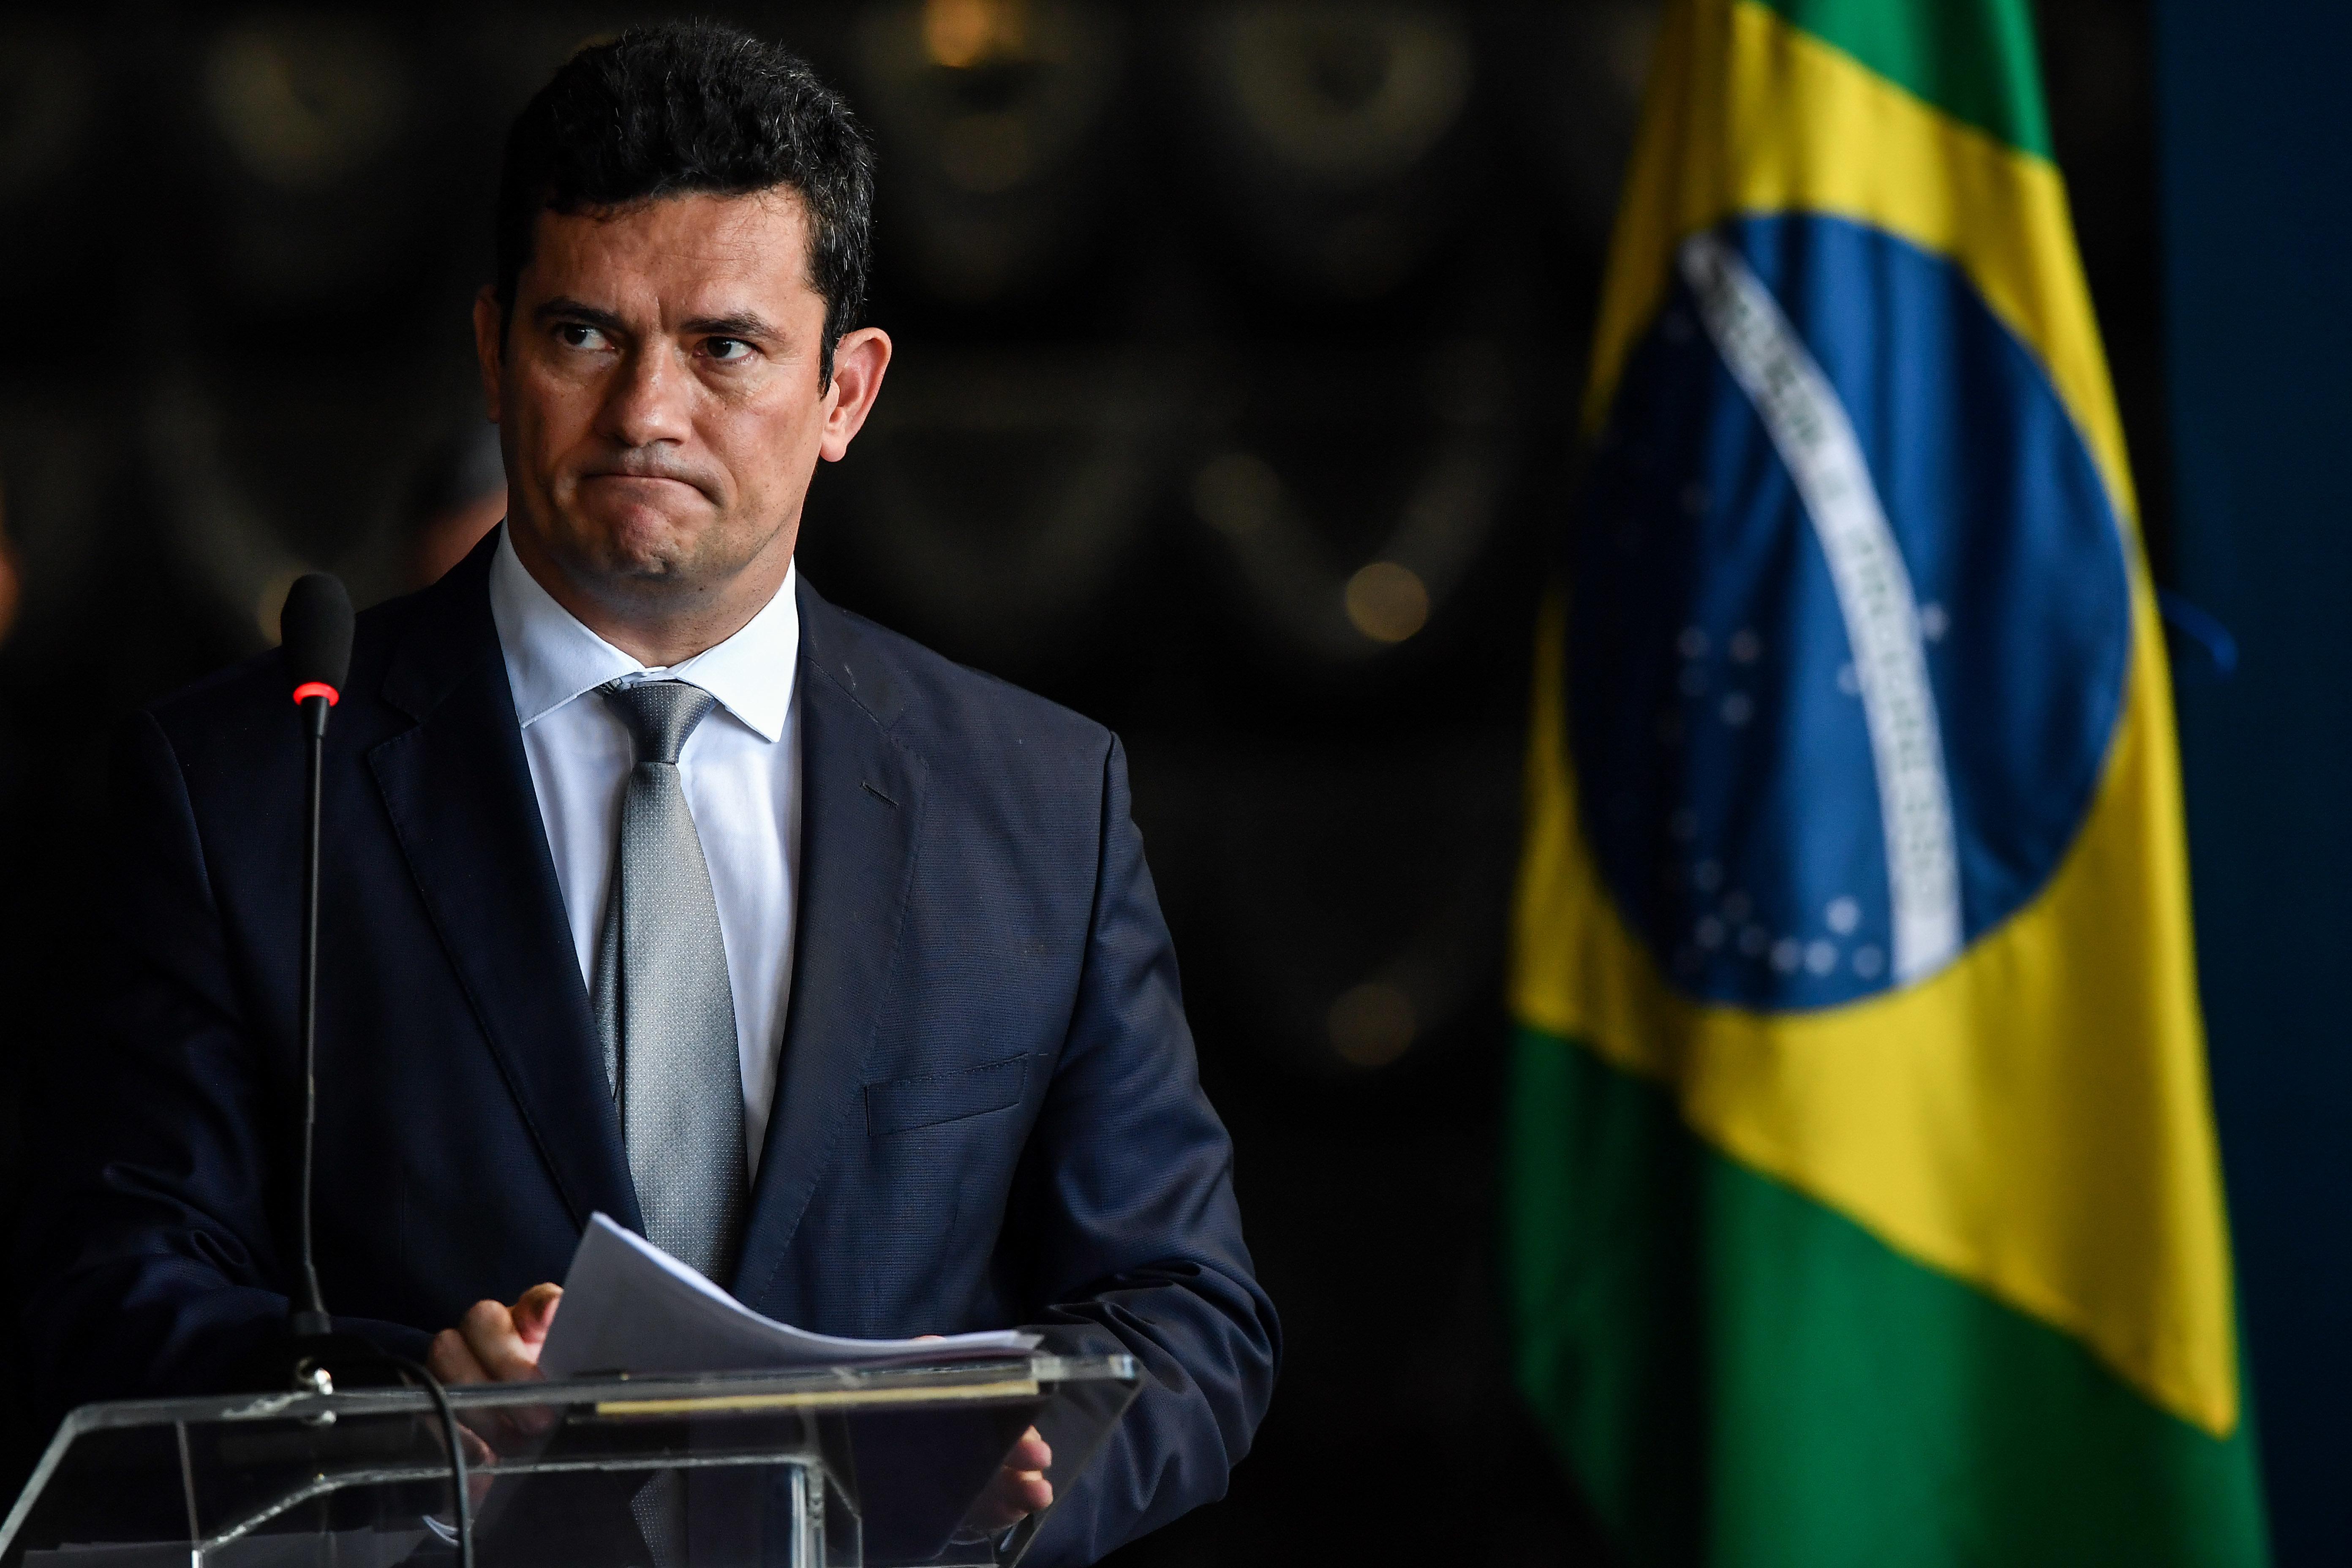 Lei Anticrime de Sérgio Moro irá atacar corrupção, crime organizado e crime